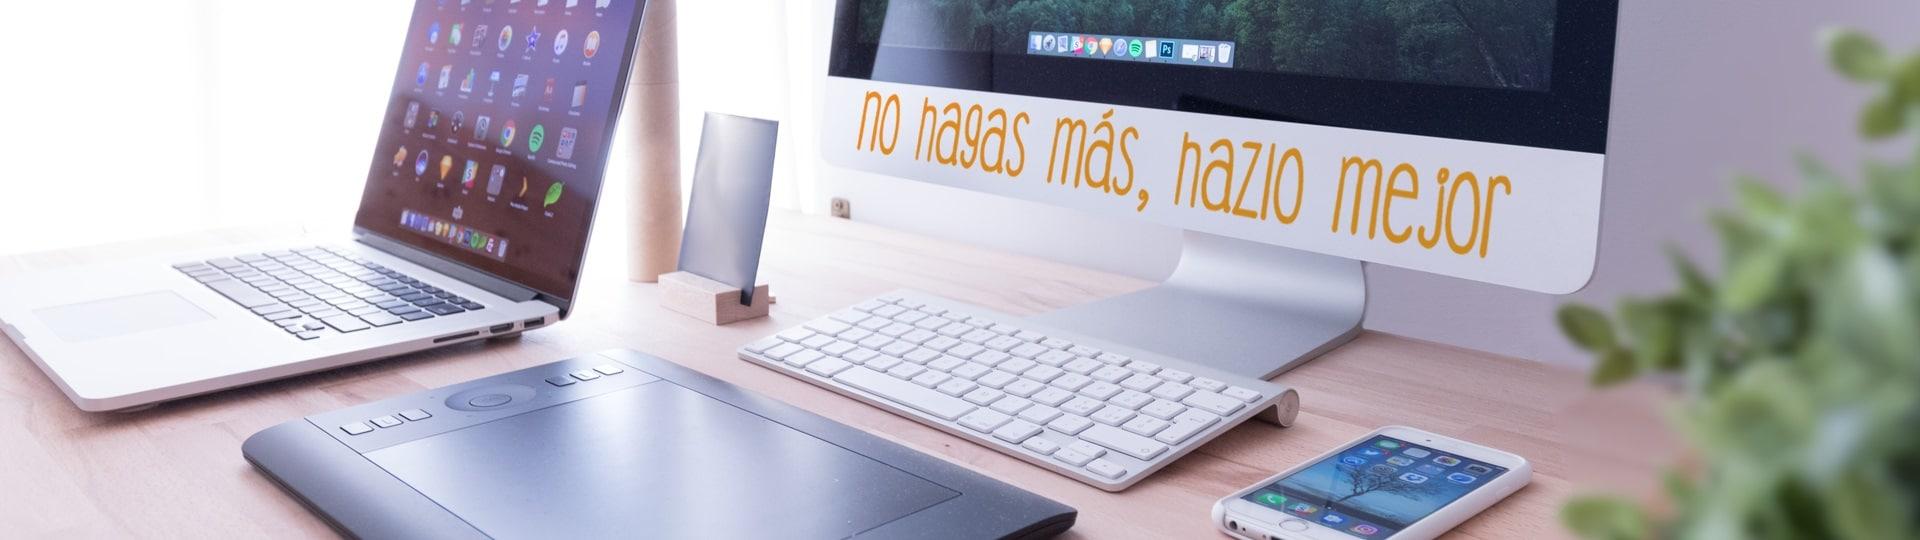 Consultoría de marketing digital en Palma de Mallorca | Vemployed, consultoría de marketing